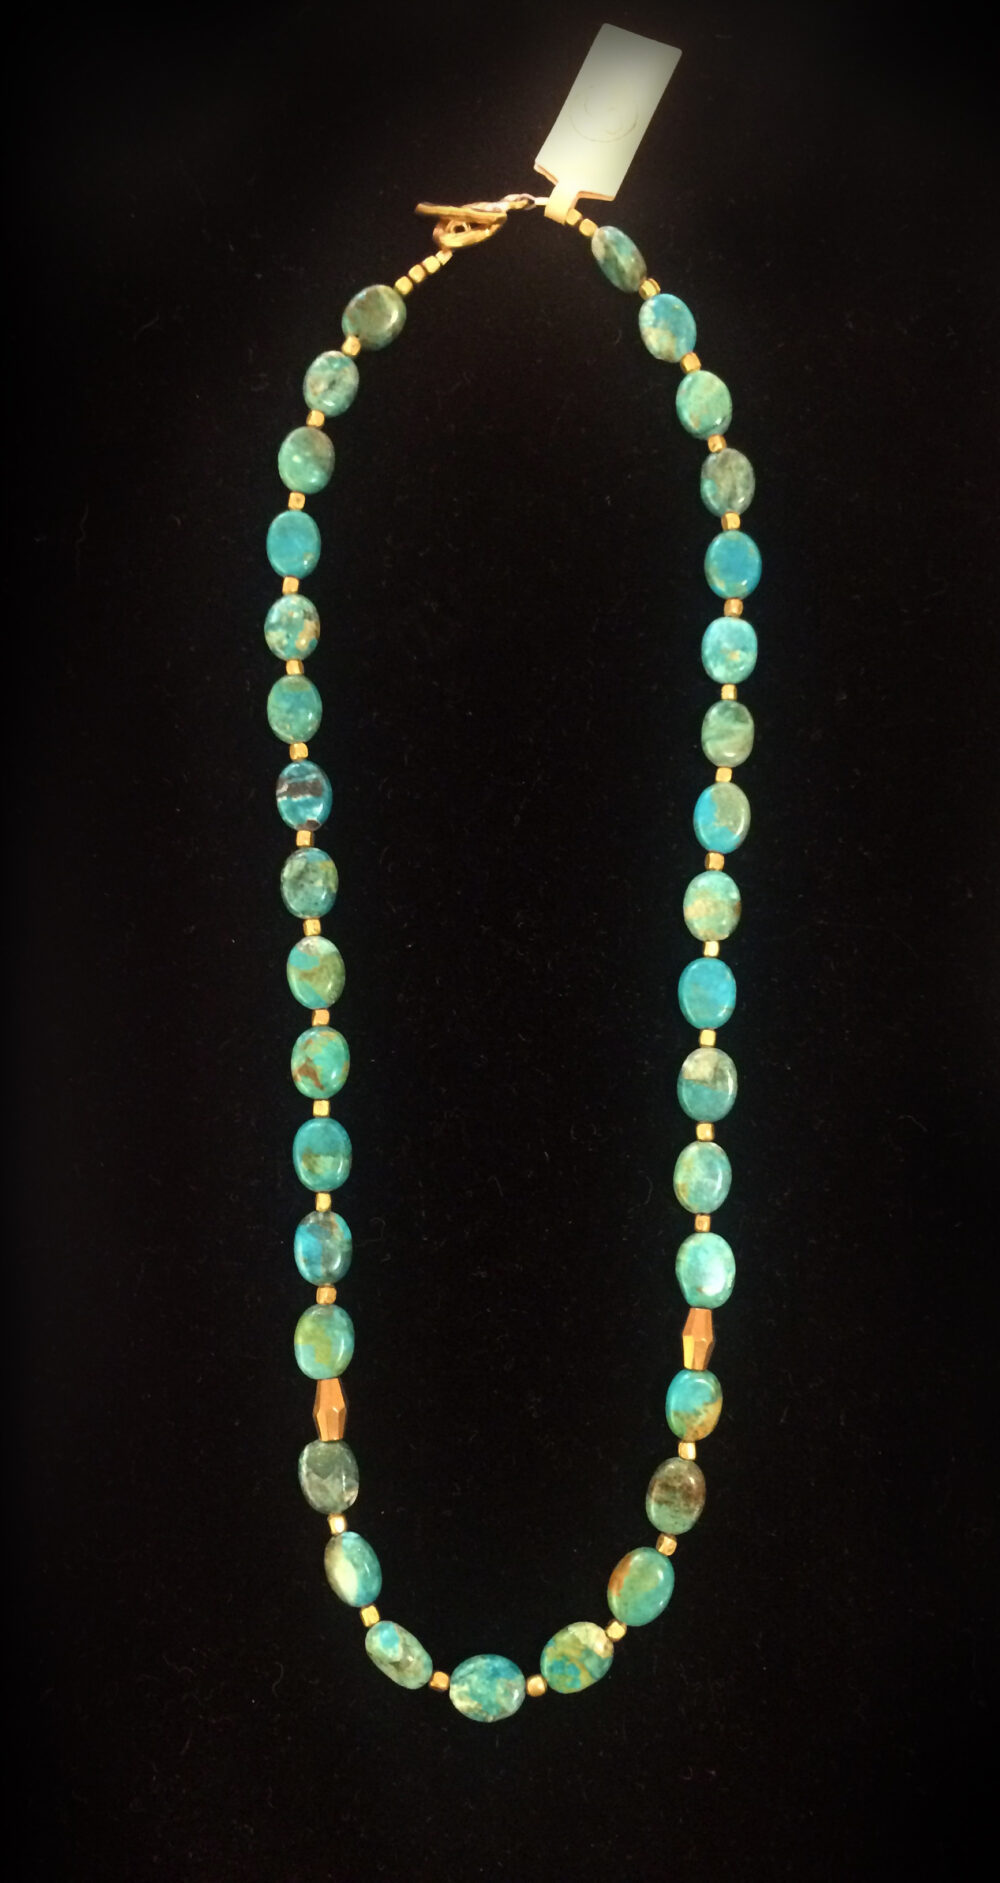 Saskia Devries - Turquois Impression necklace